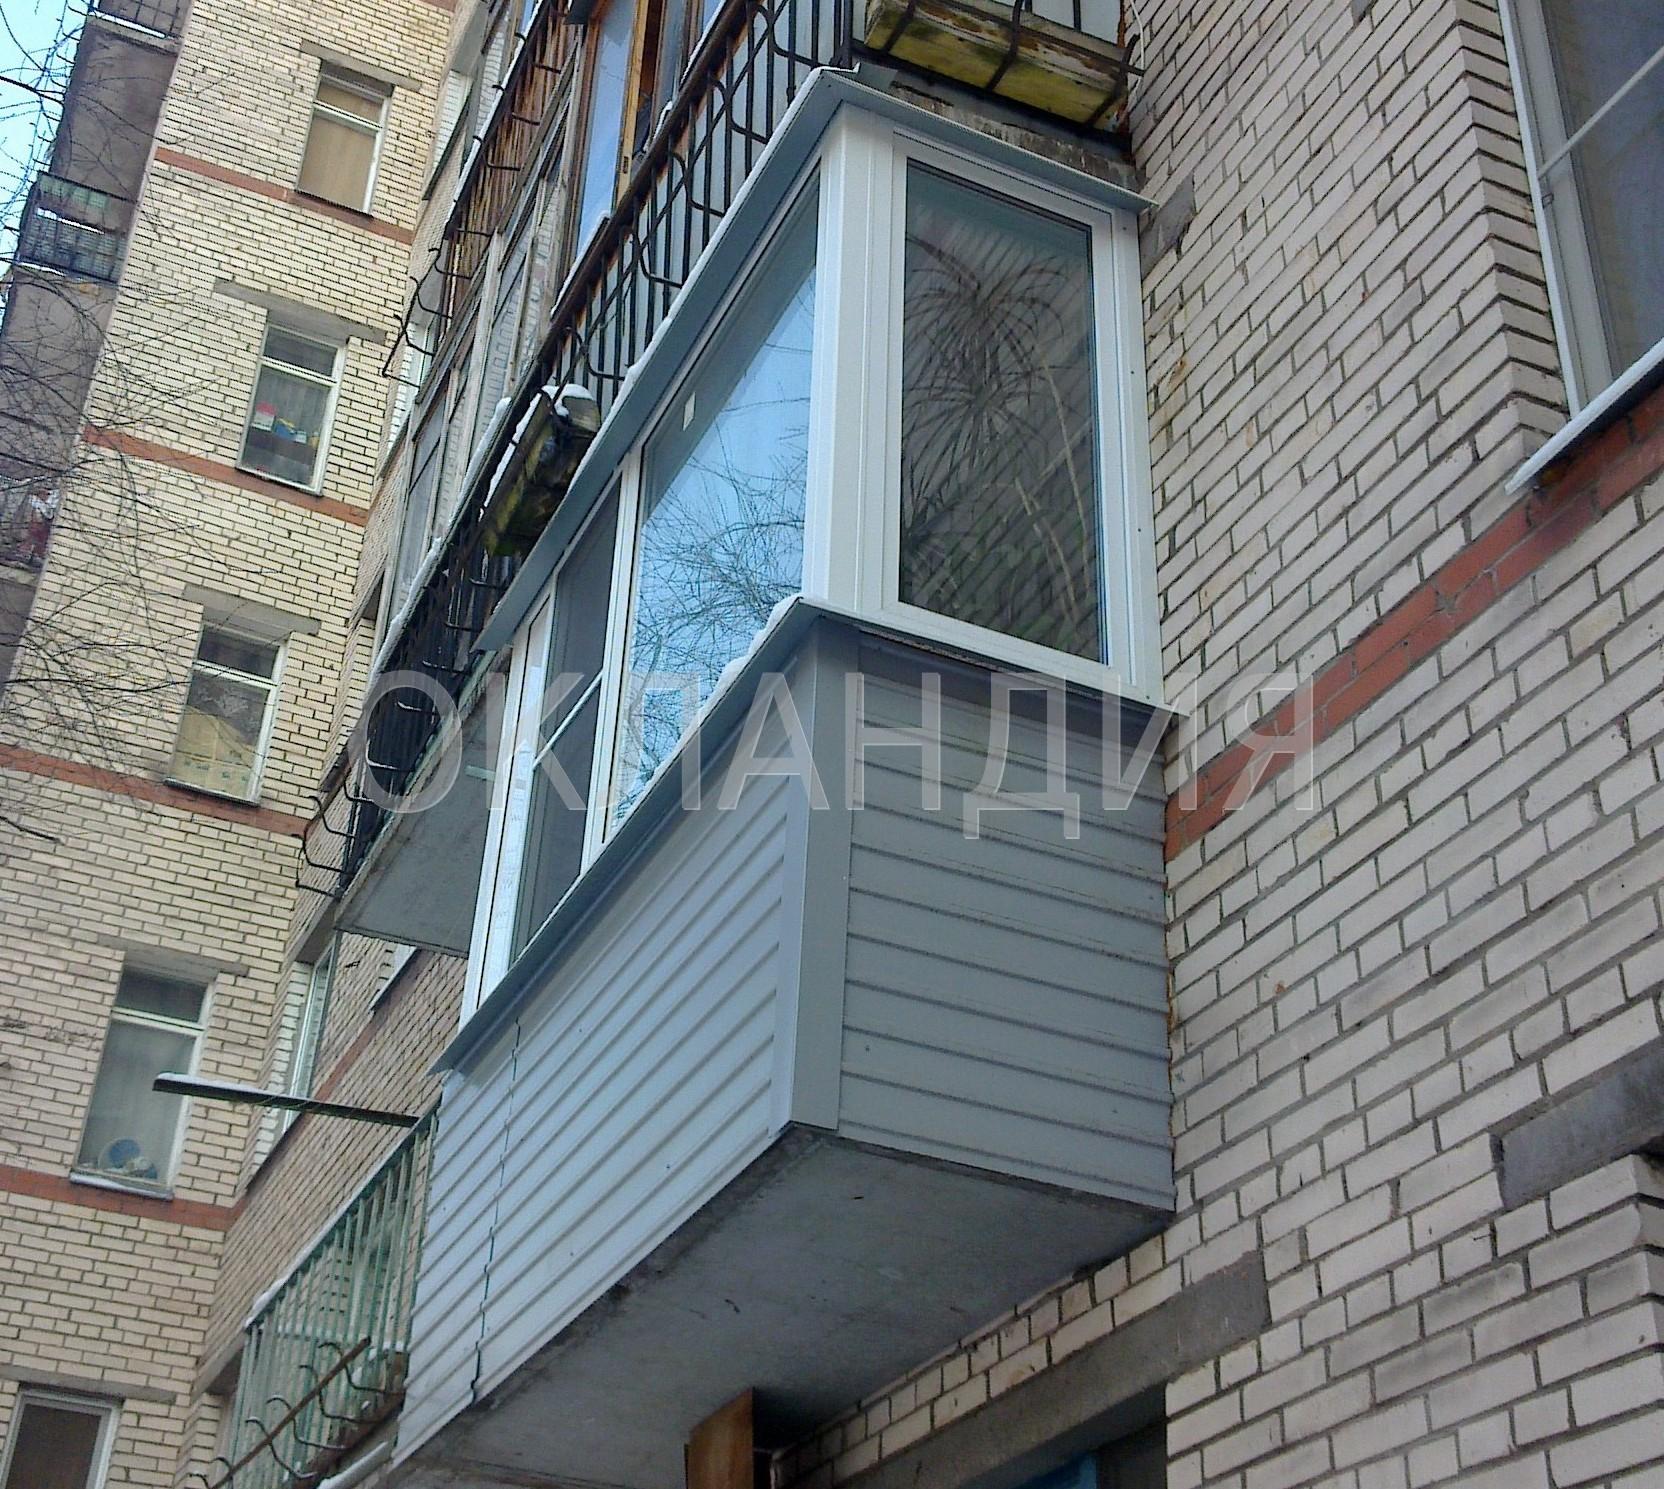 Остекление балкона в кирпичном 9-ти этажном доме.